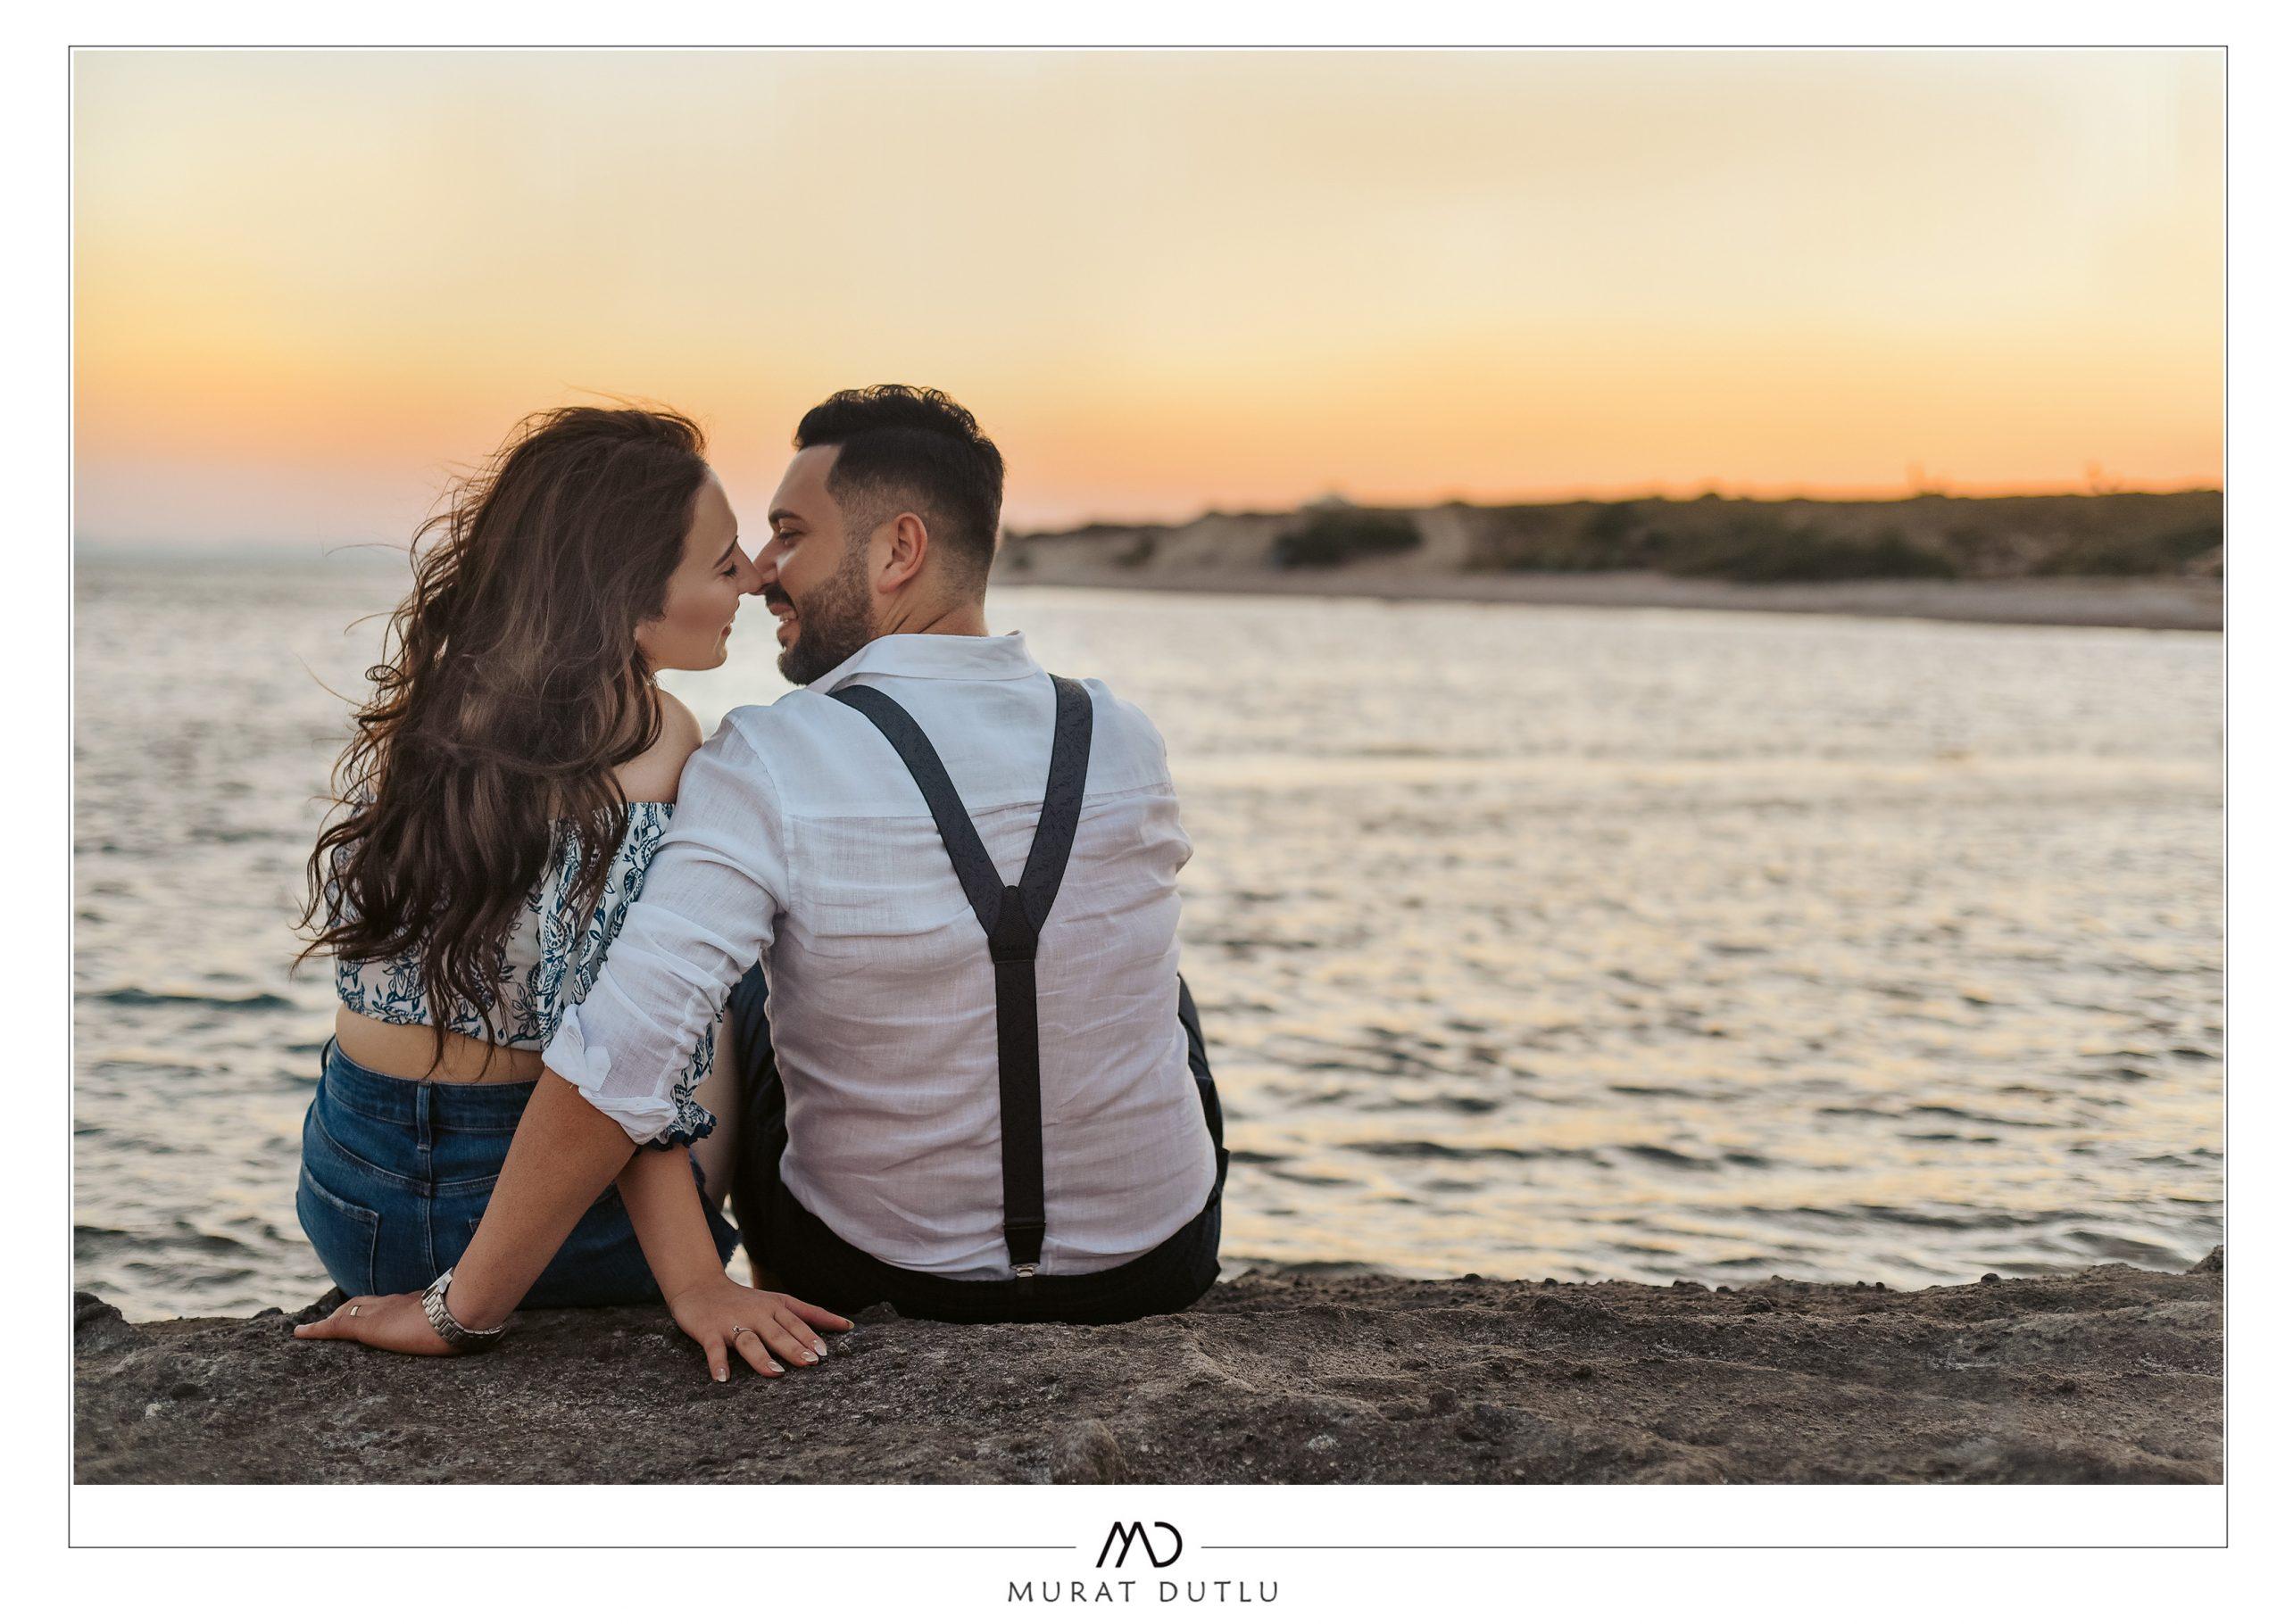 İzmir düğün fotoğrafçısı dış çekim fotoğraflar